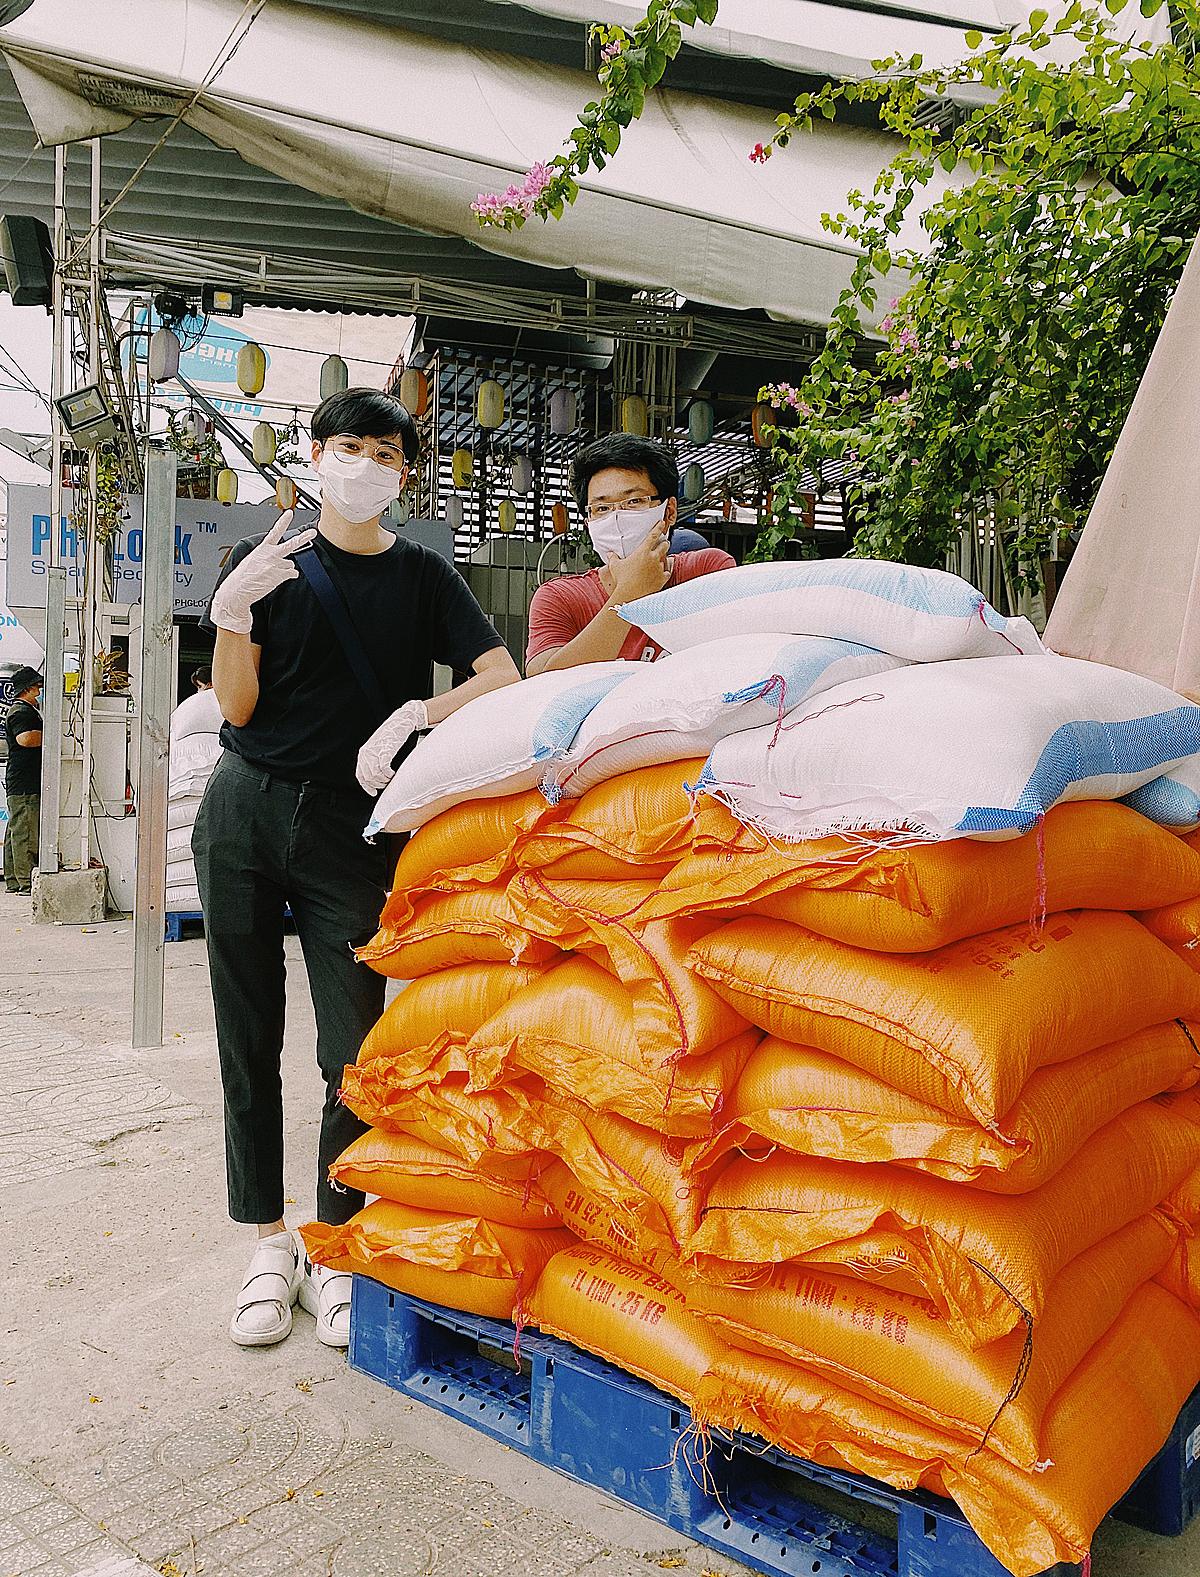 Chiều 17/4 Hiệp dùng số tiền sau 3 ngày bán tranh mua 1,2 tấn gạo ủng hộ vào cây ATM gạo ở quận Tân Phú. Ảnh: Đức Hiệp.